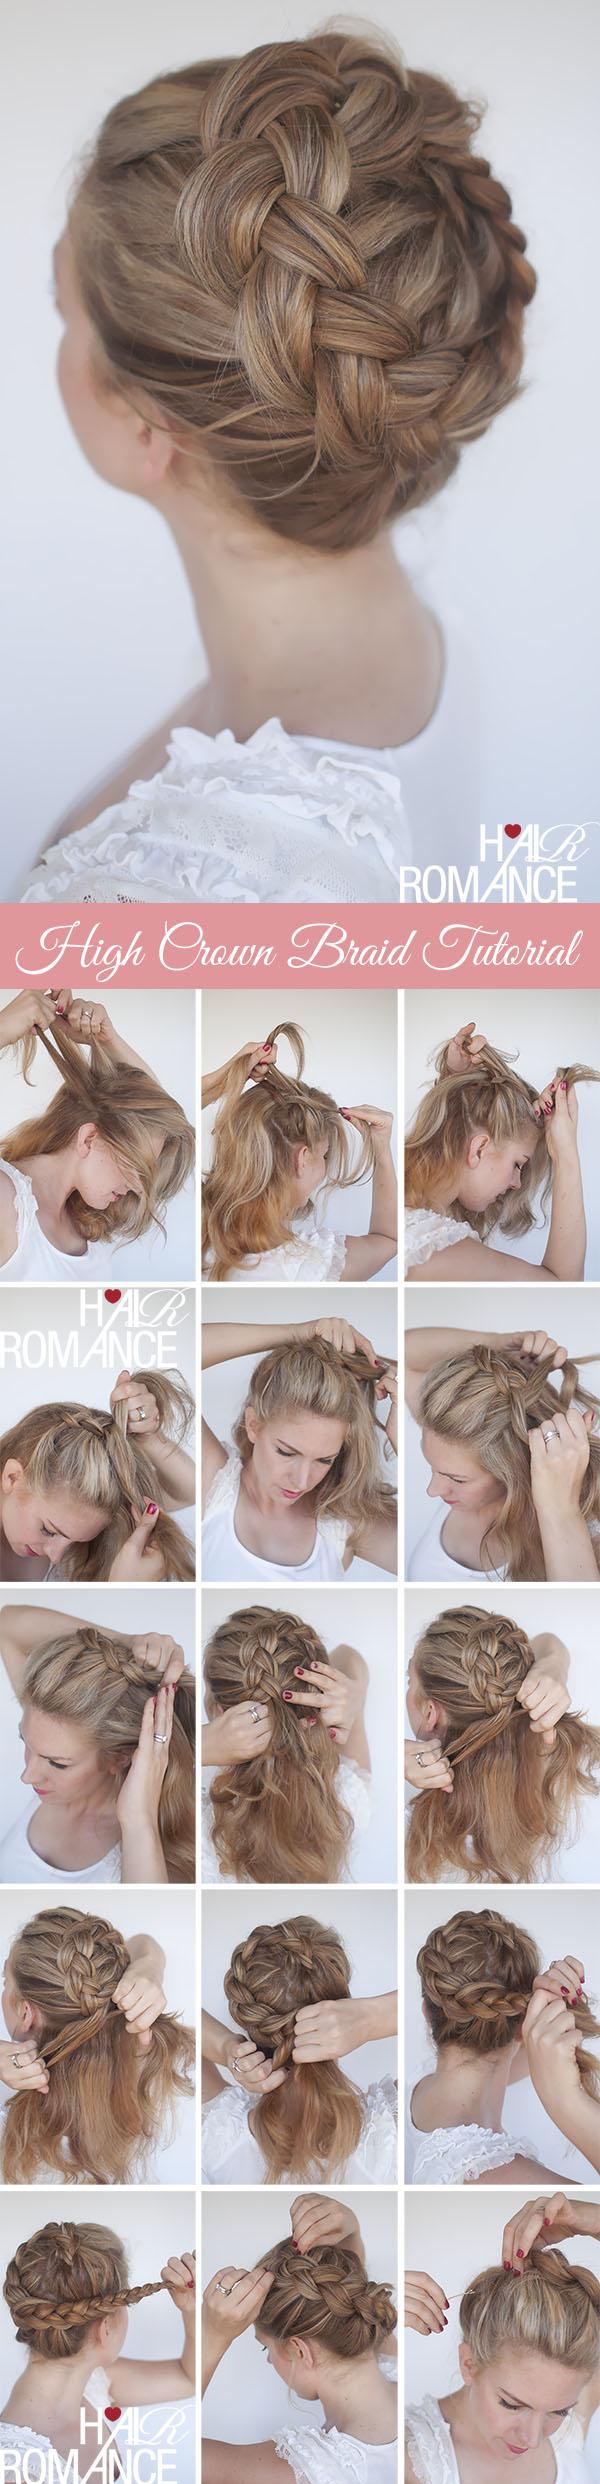 прическа с косами, фото